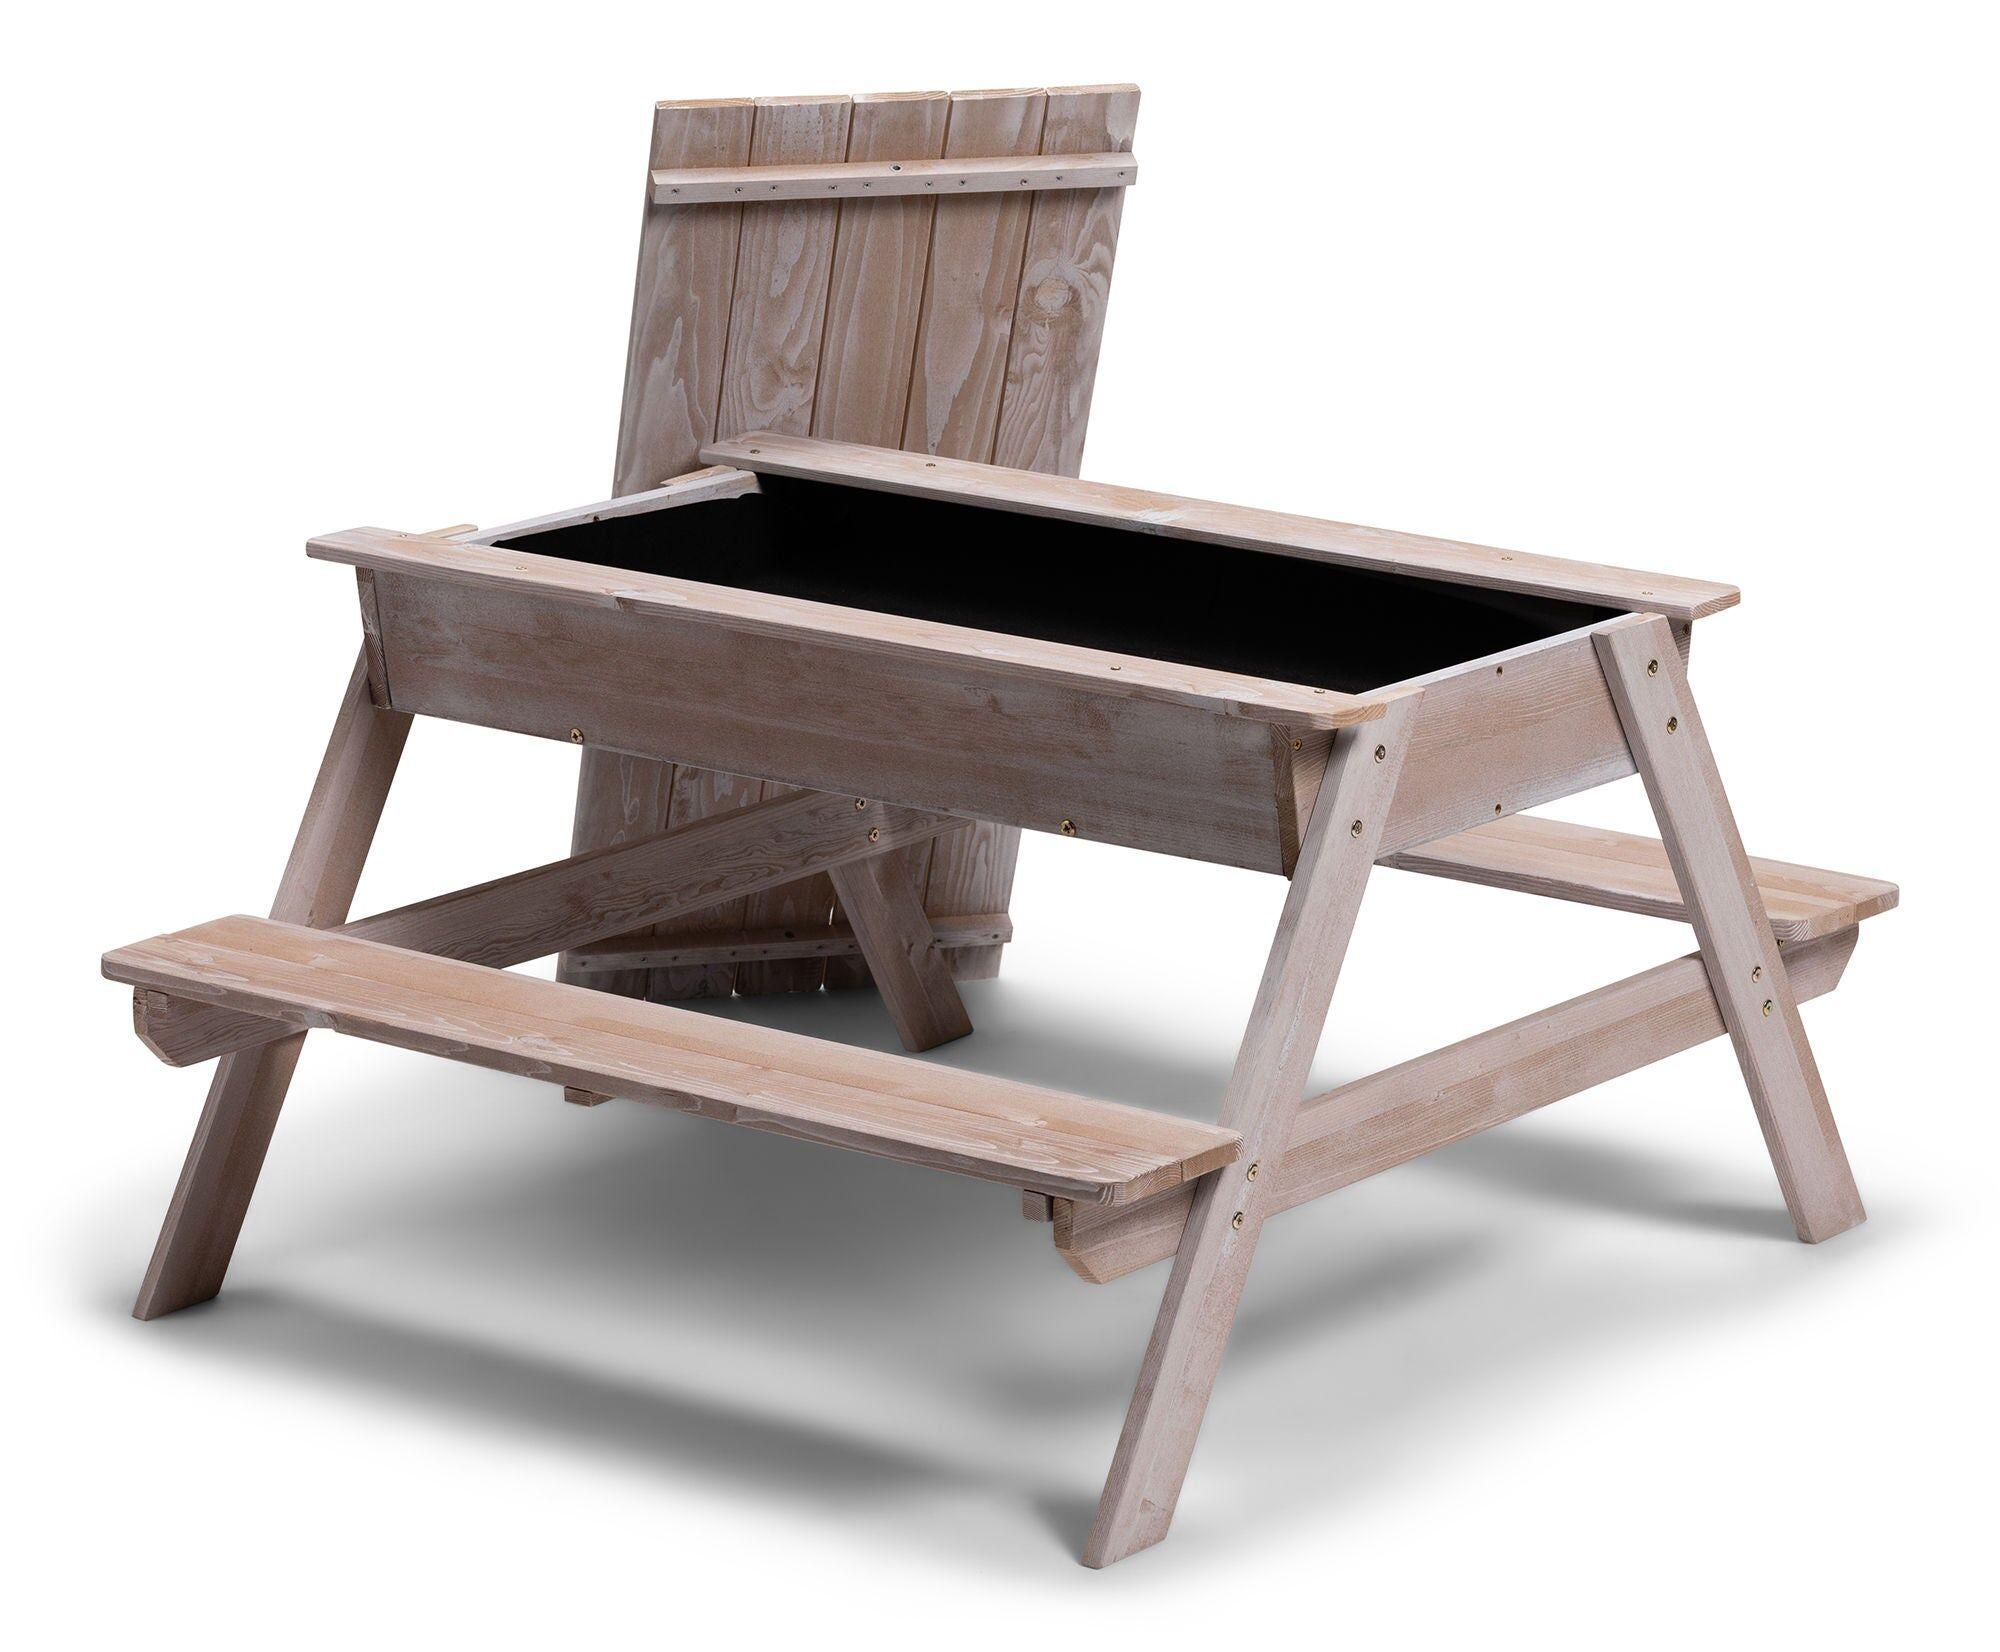 Woodlii Piknikbord med Sandkasse + Lokk, Grå